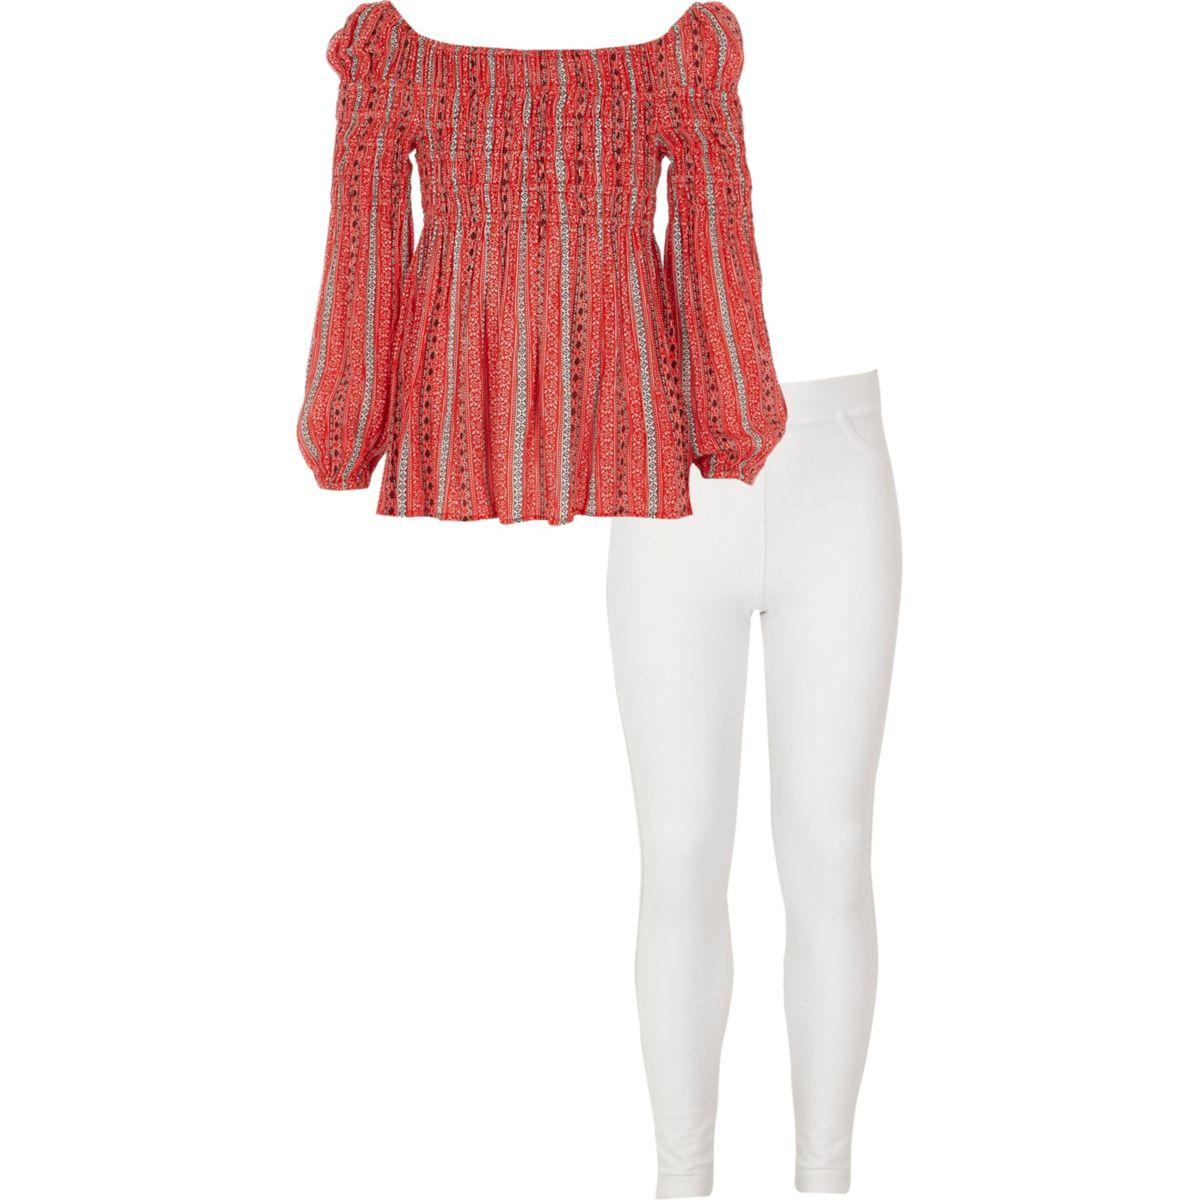 Outfit mit Bardot-Oberteil und Leggings